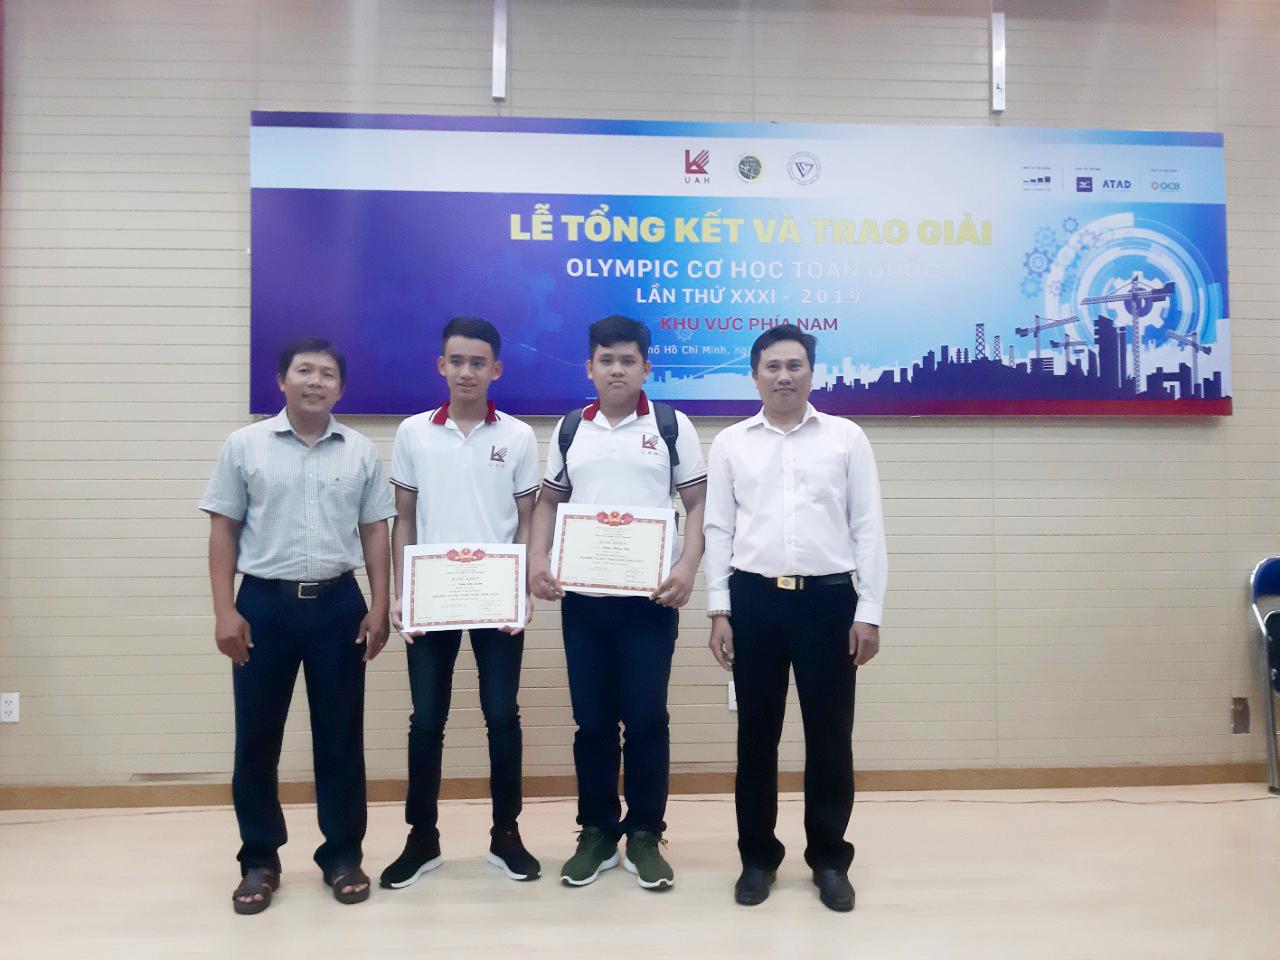 Hai Sinh viên TVU đạt giải Olympic Cơ học toàn quốc năm 2019